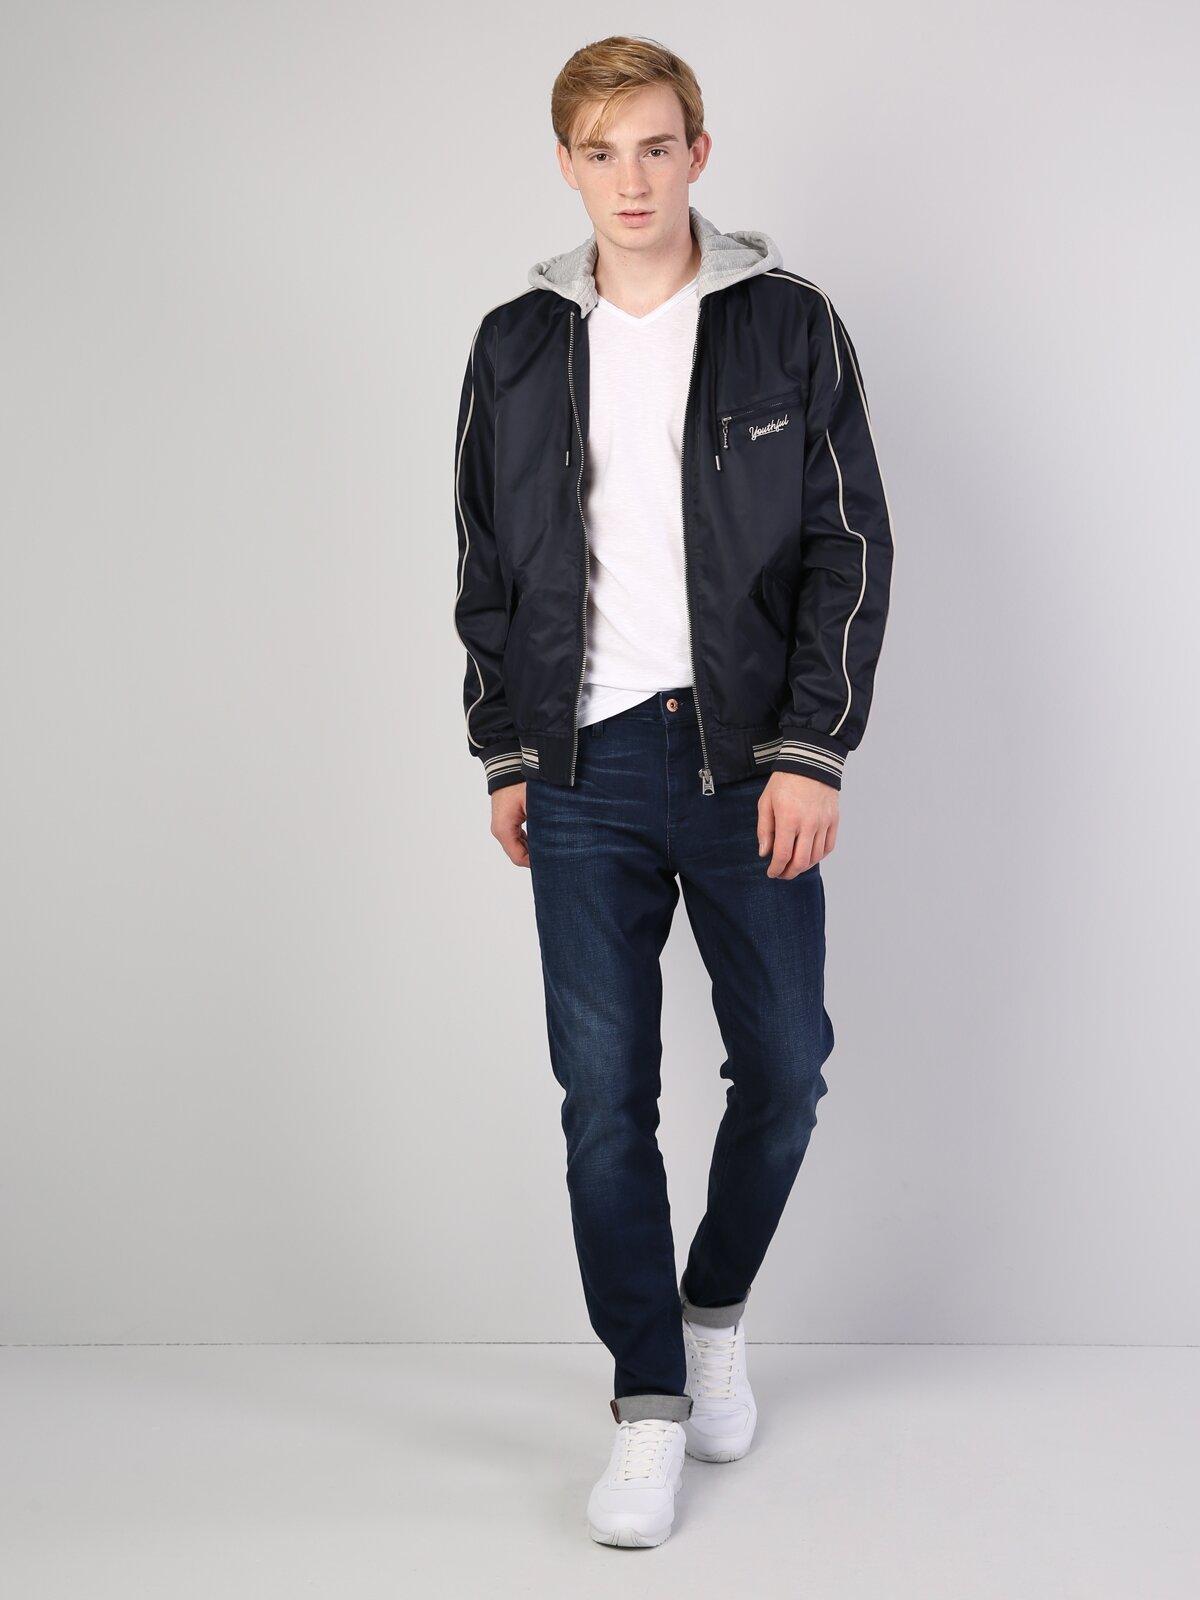 9bb33c6b0e7b4 Erkek Mont Modelleri ve Fiyatları | Colin's Online Alışveriş